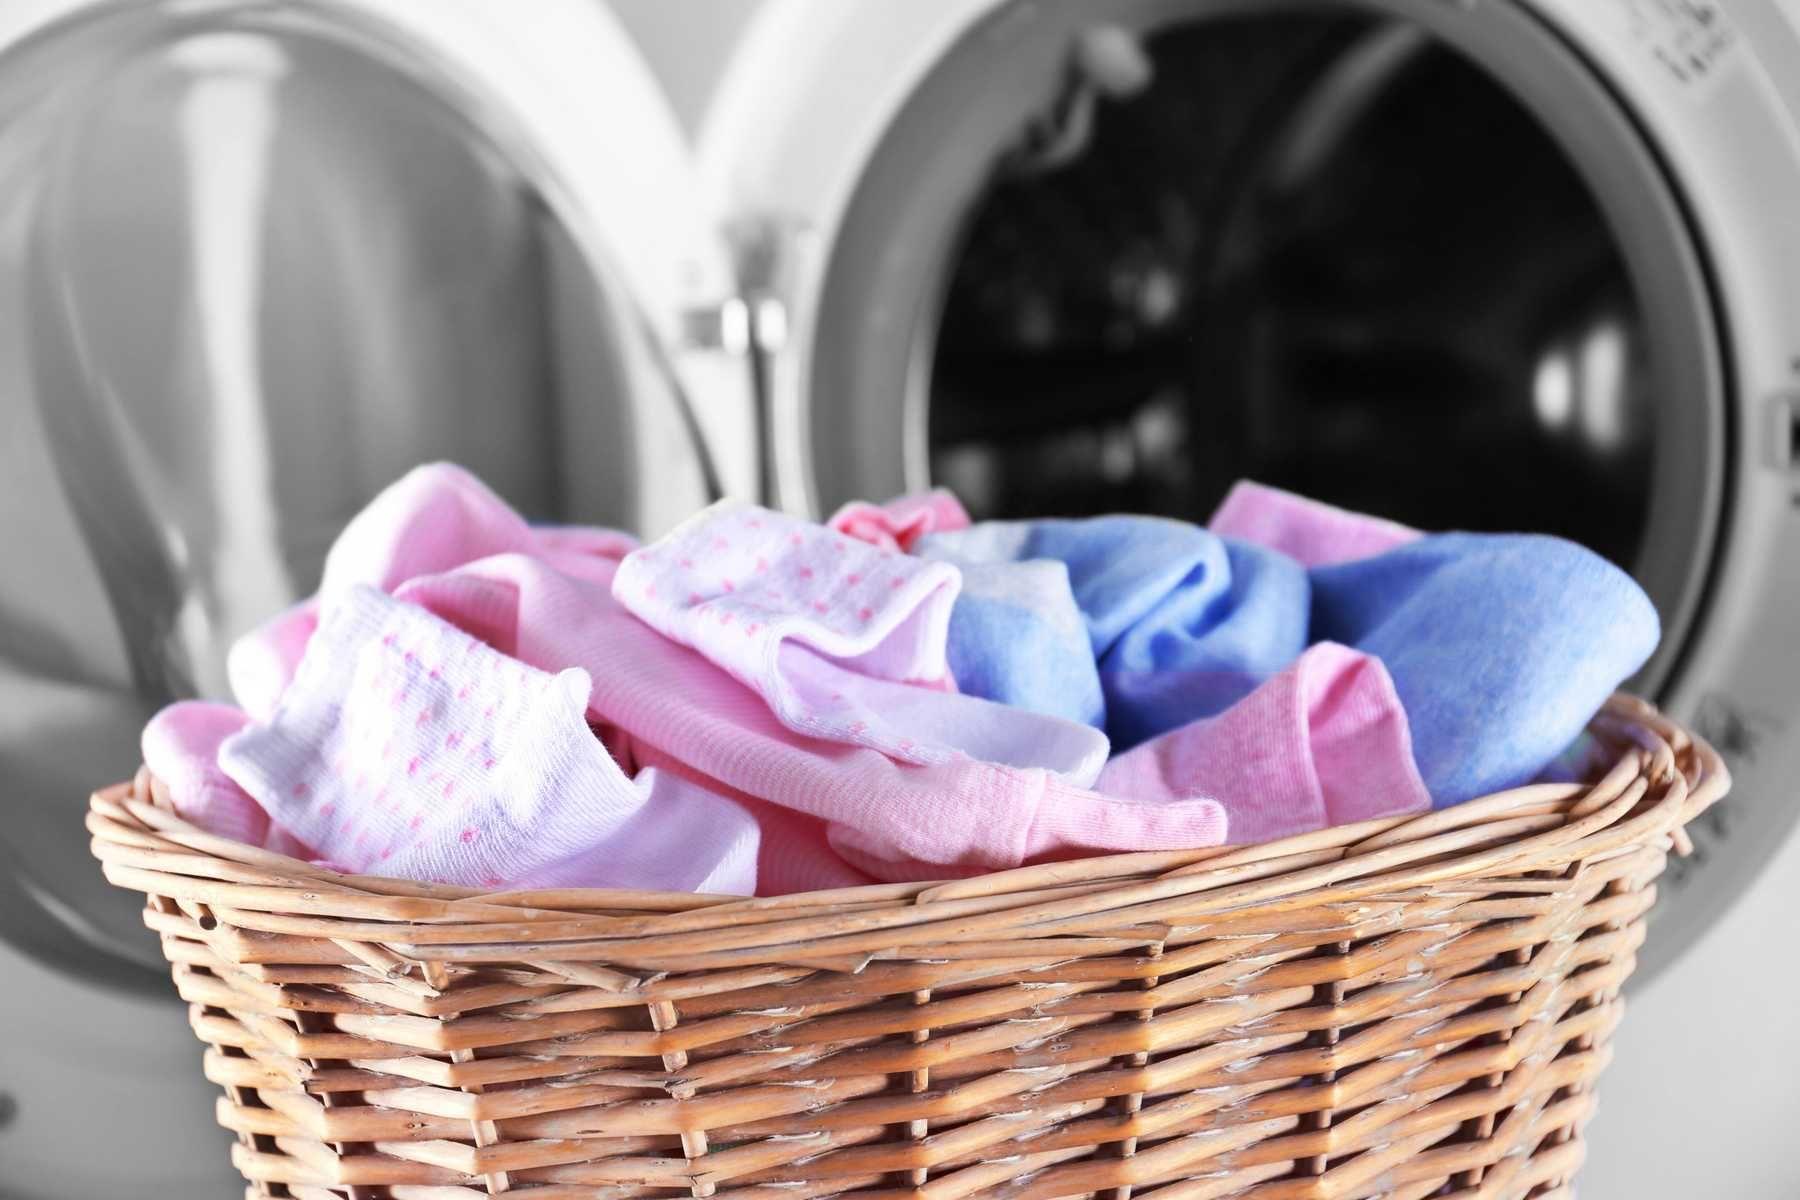 Lý do nên đầu tư ngay một tủ sấy quần áo